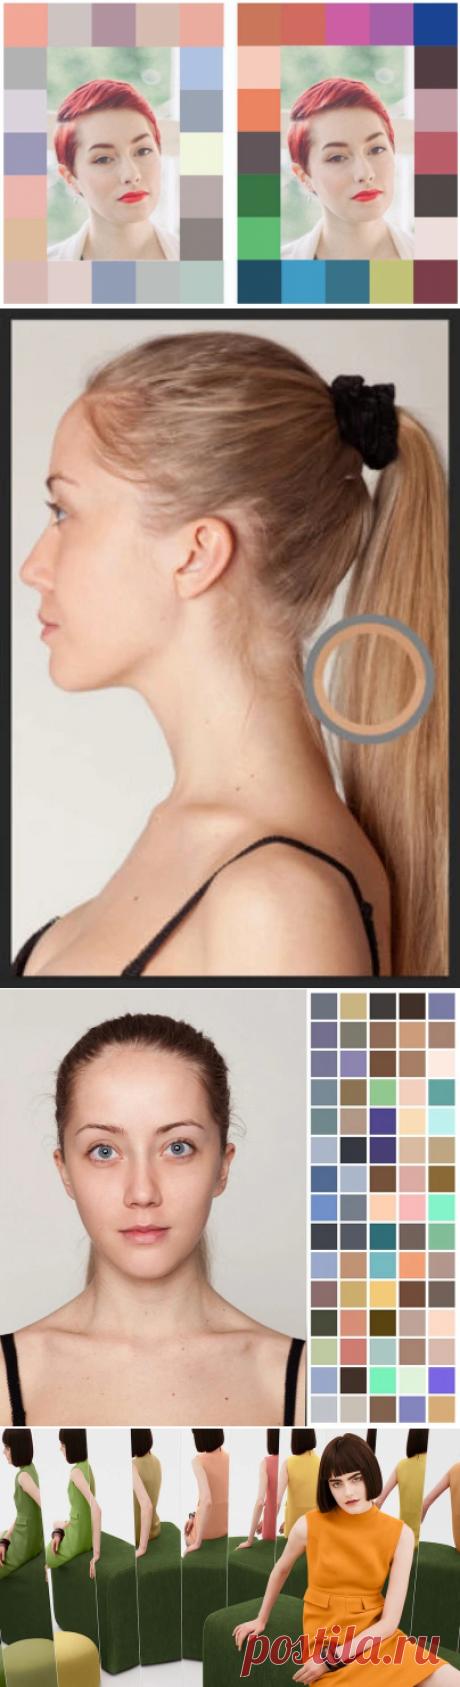 Как подобрать цвета, которые идут именно вам: безошибочный способ — BurdaStyle.ru